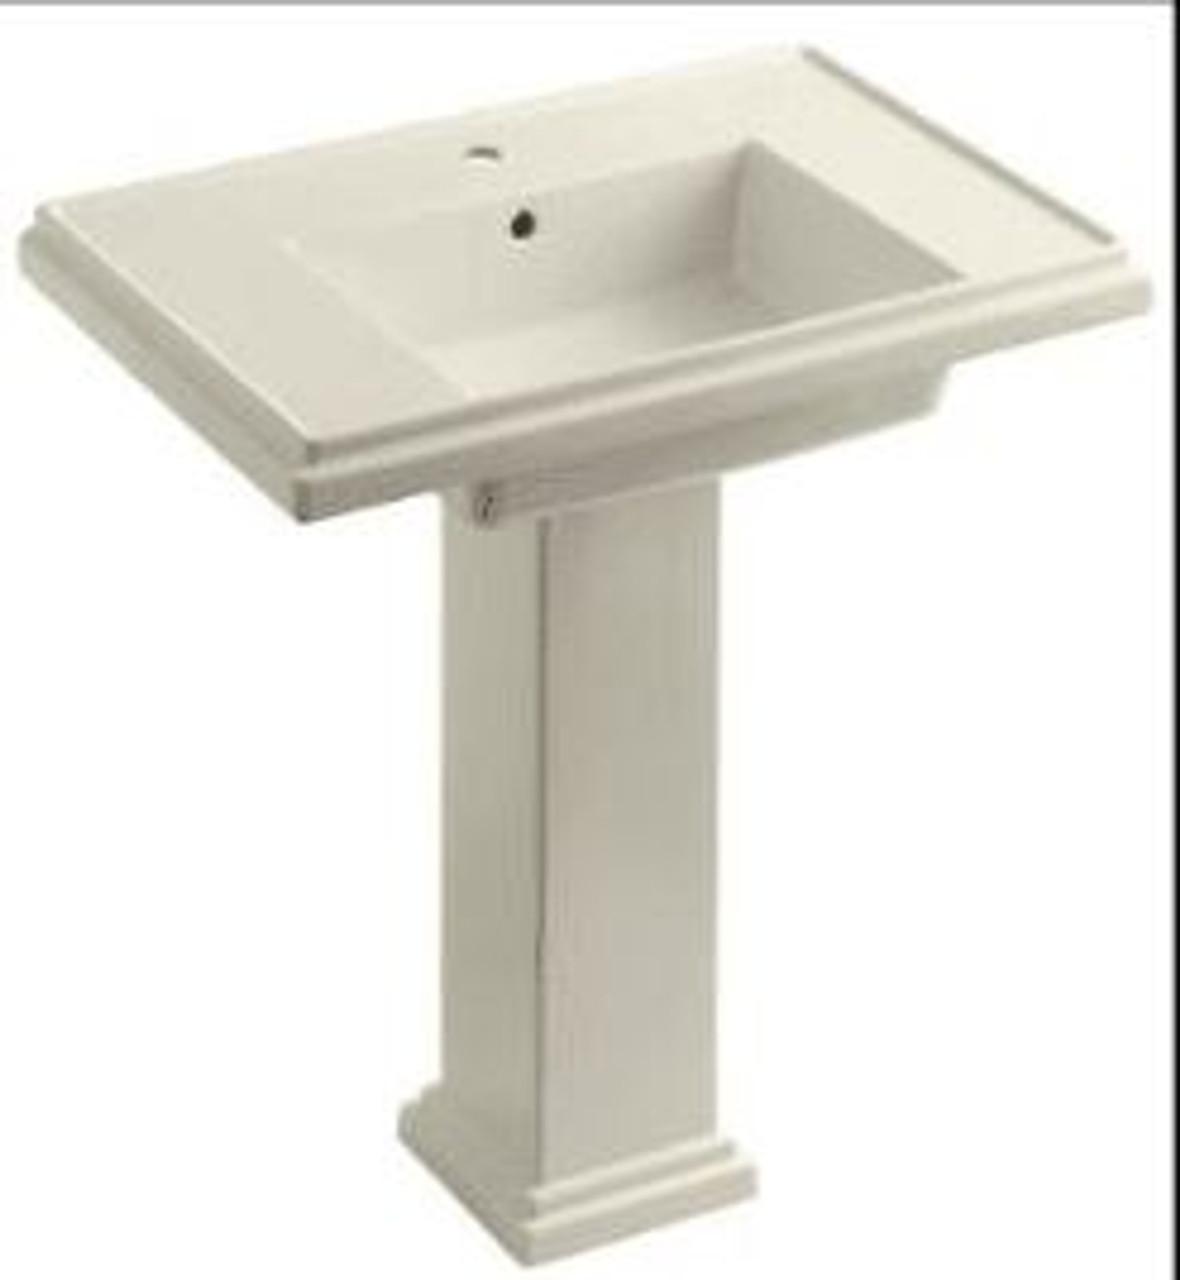 kohler tresham 30 pedestal bathroom sink with single faucet hole and pedestal base